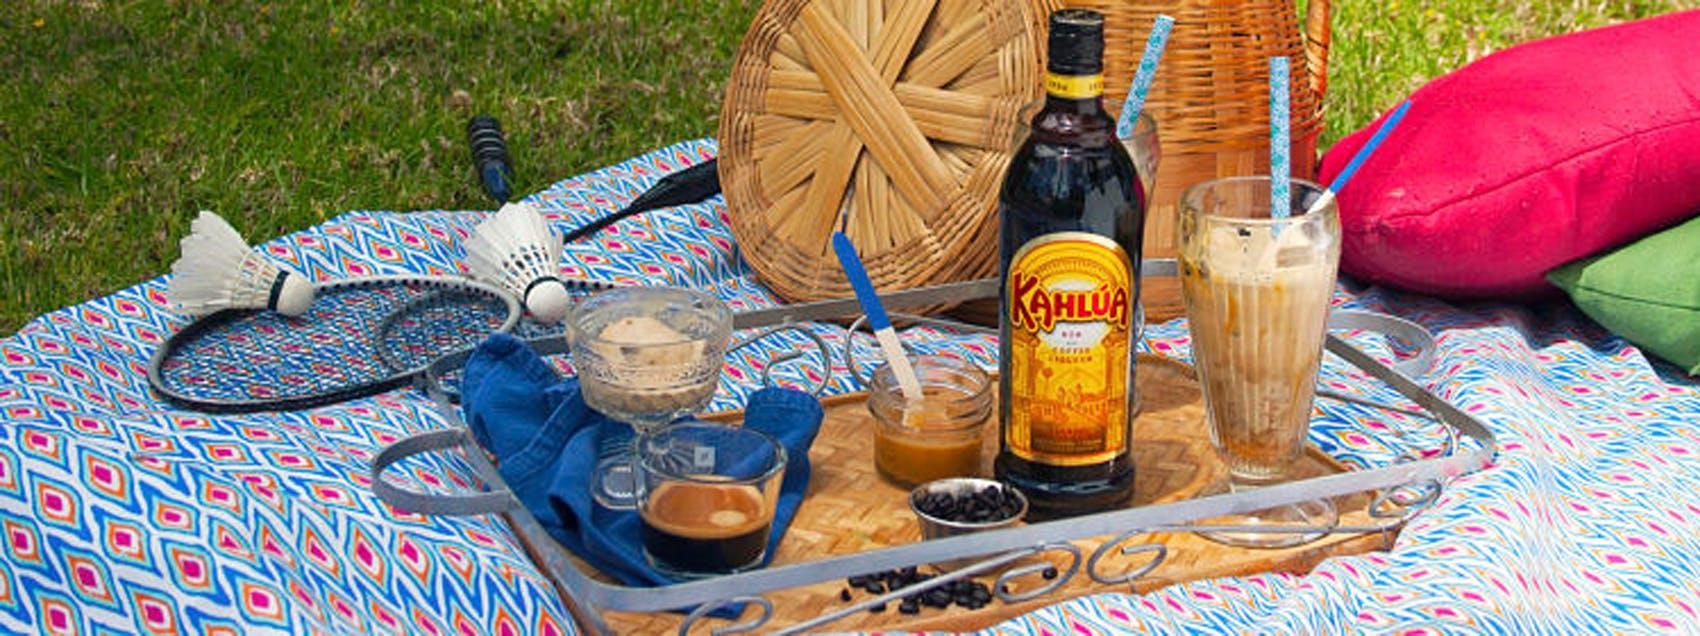 Kahlua Caramel Affogato